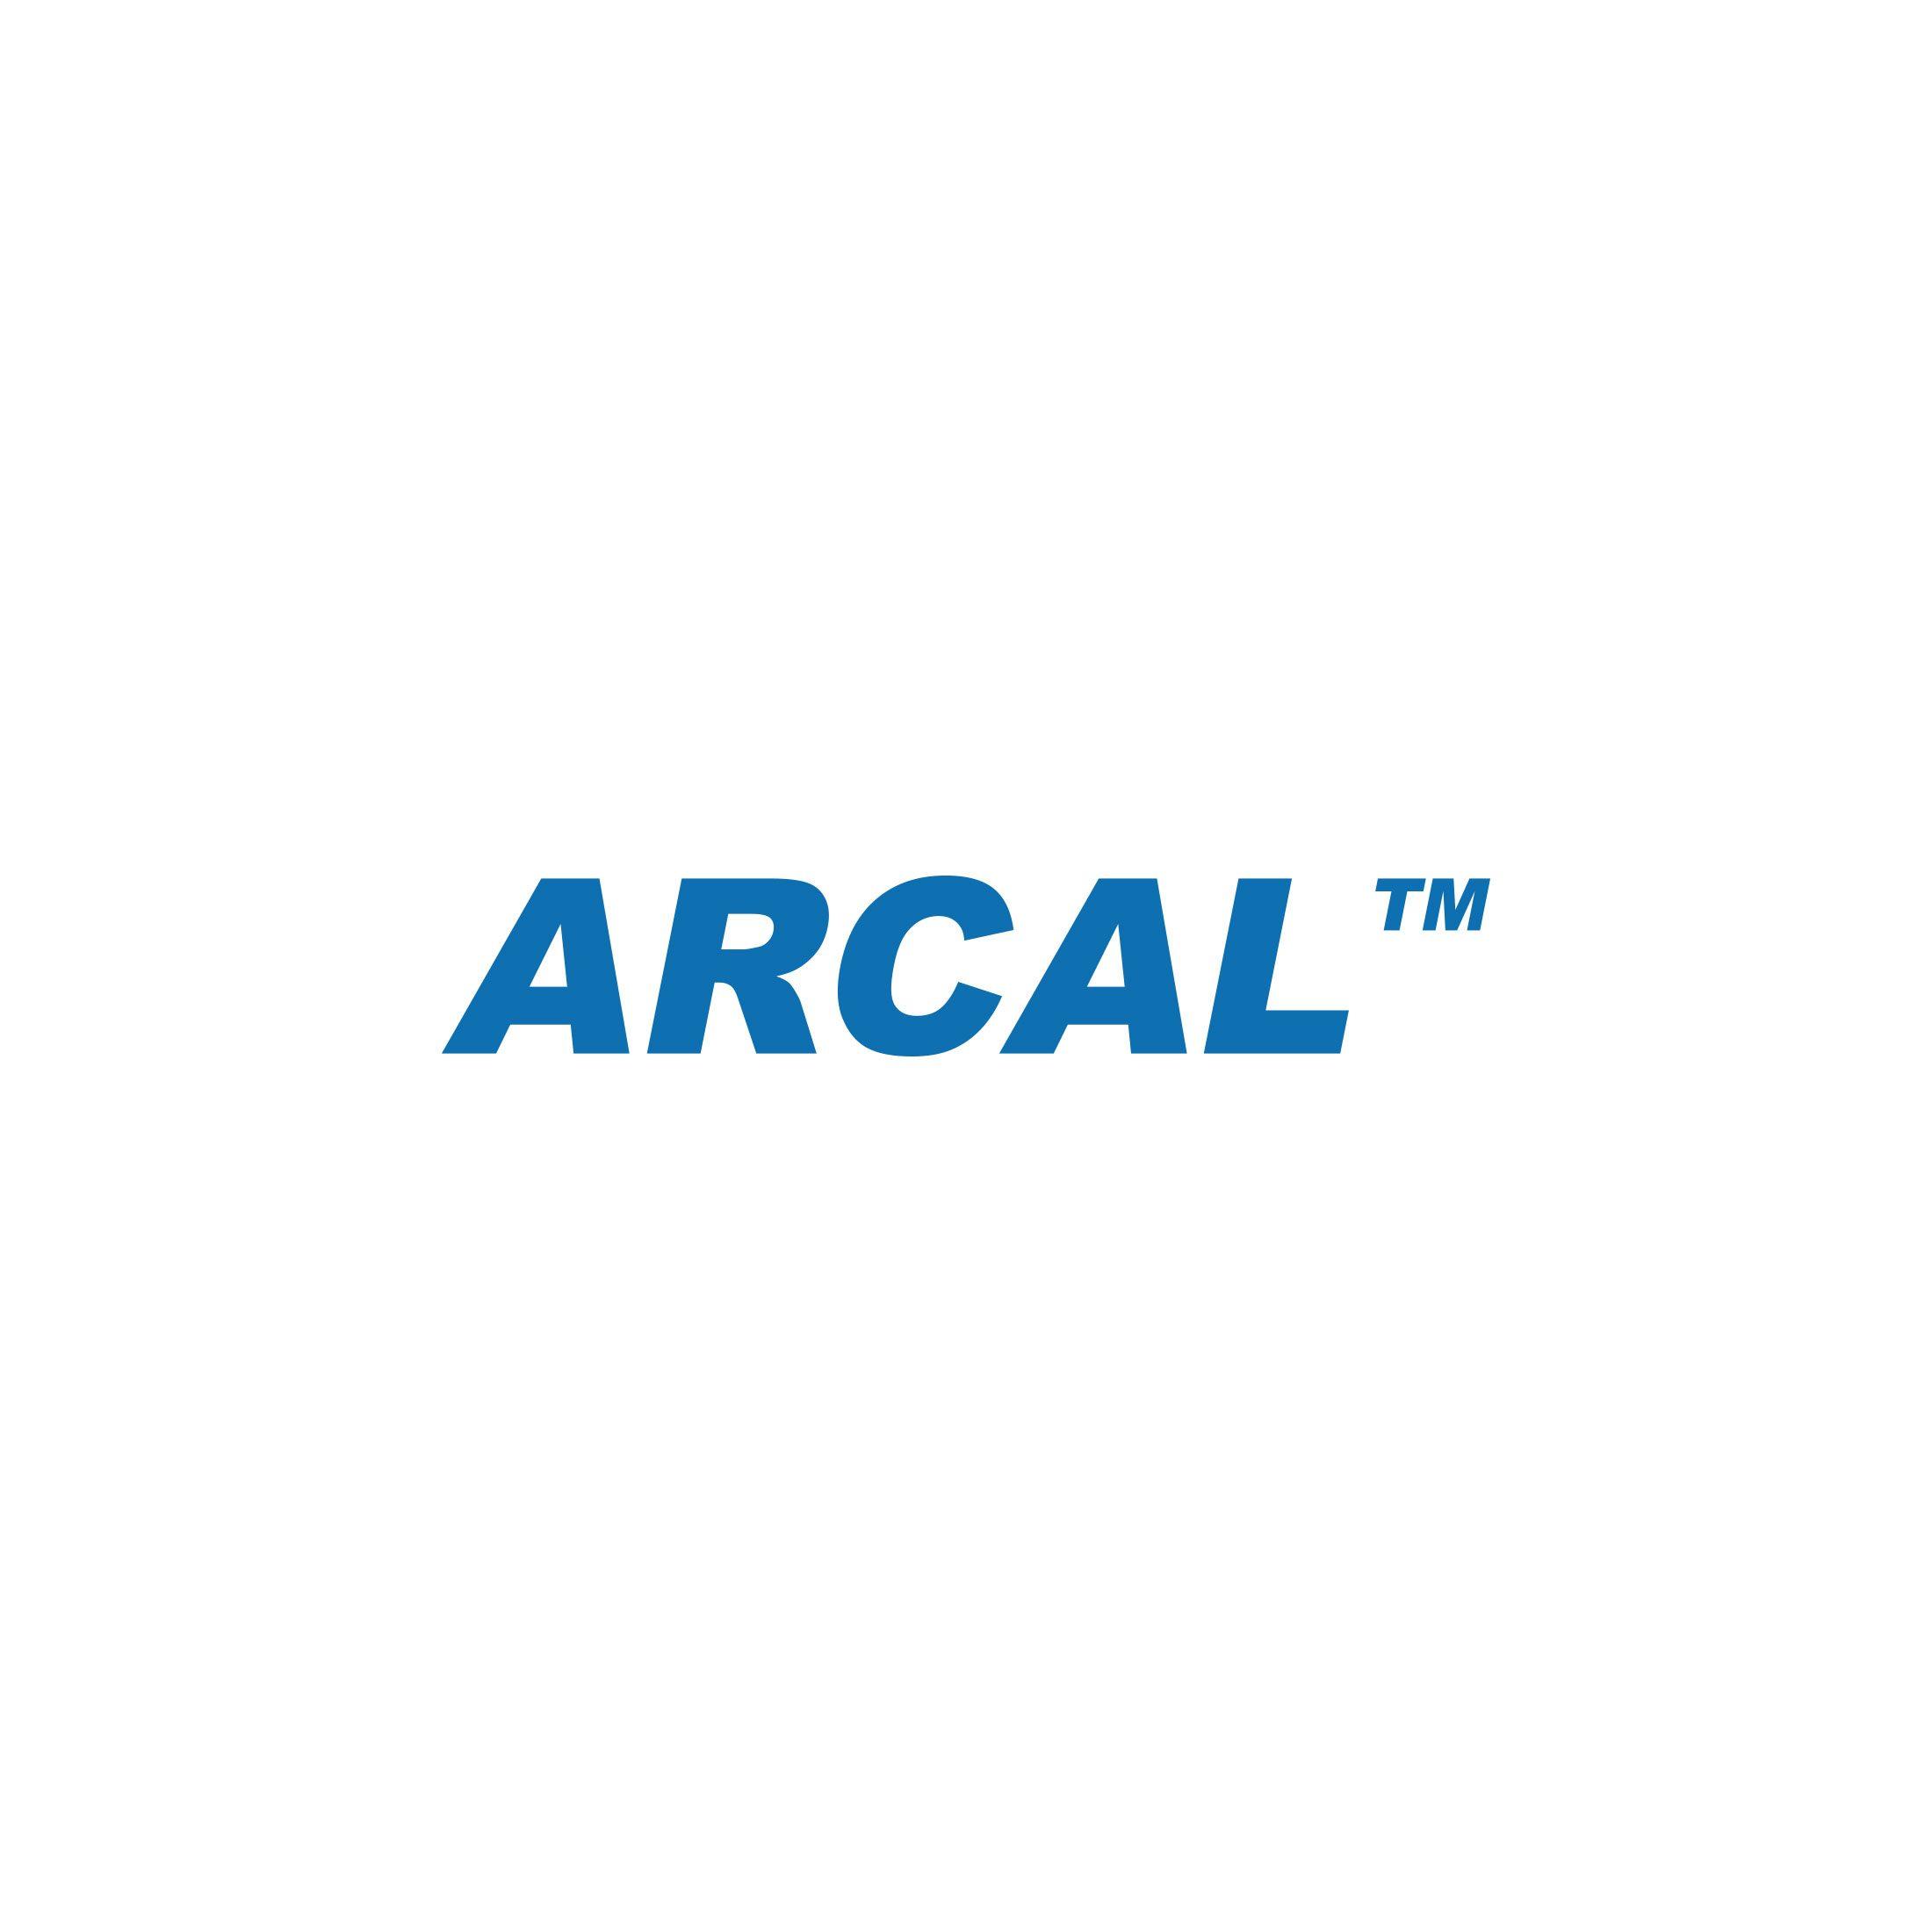 arcal-logo